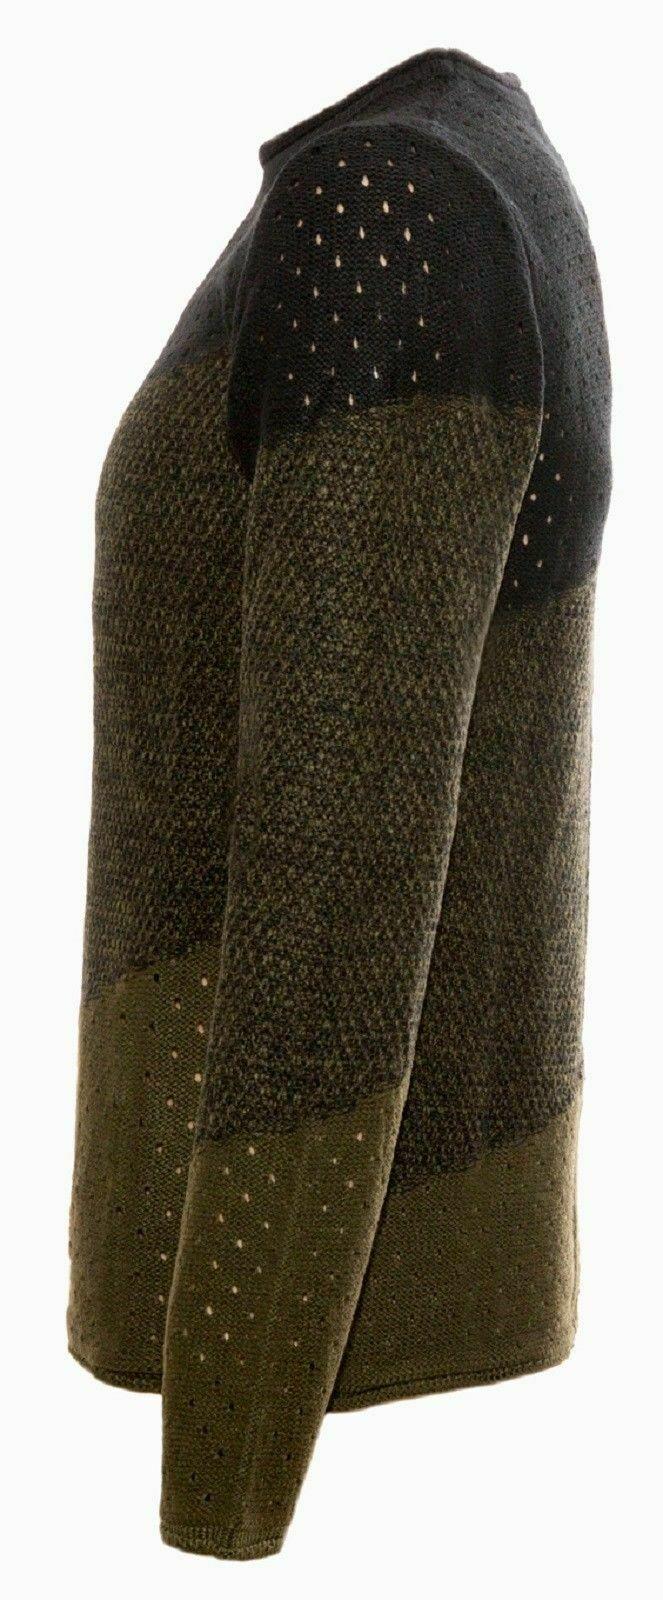 Maglione-uomo-Girocollo-Maglioncino-Invernale-Maglia-slim-fit-Pullover-Casual miniatura 16